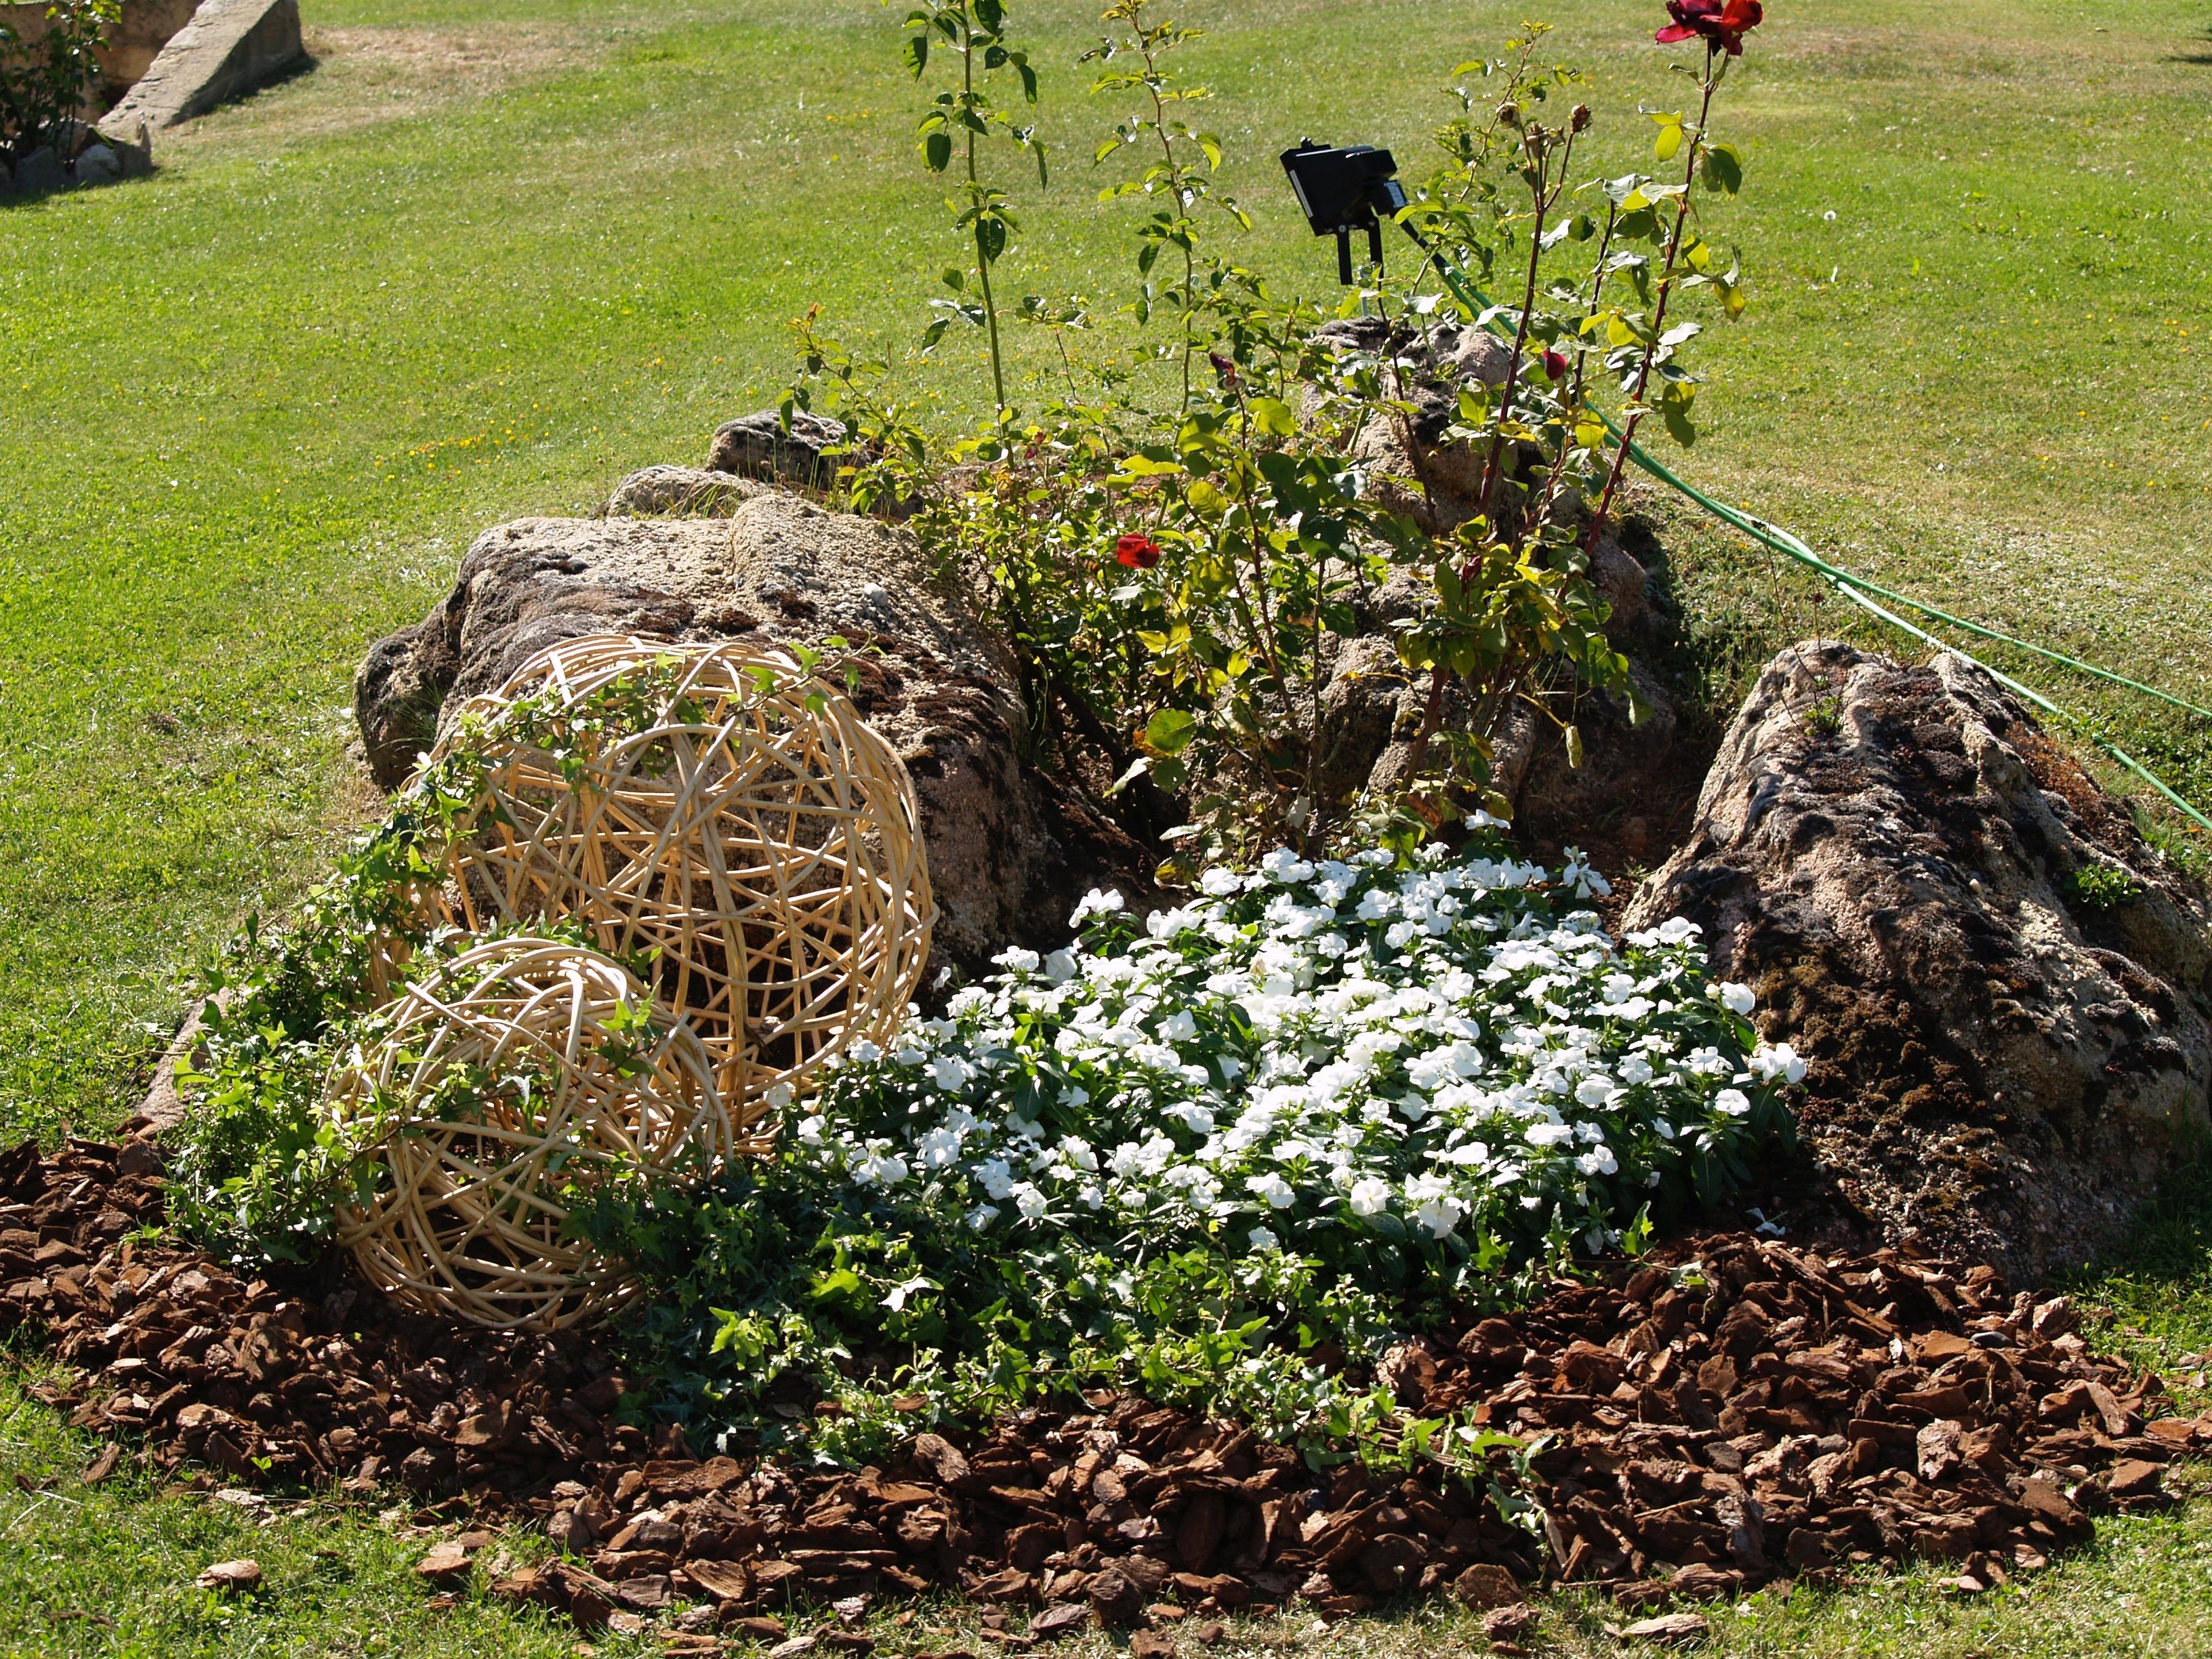 Jardineria fr sia comprar online floristeria fr sia matar for Jardineria online